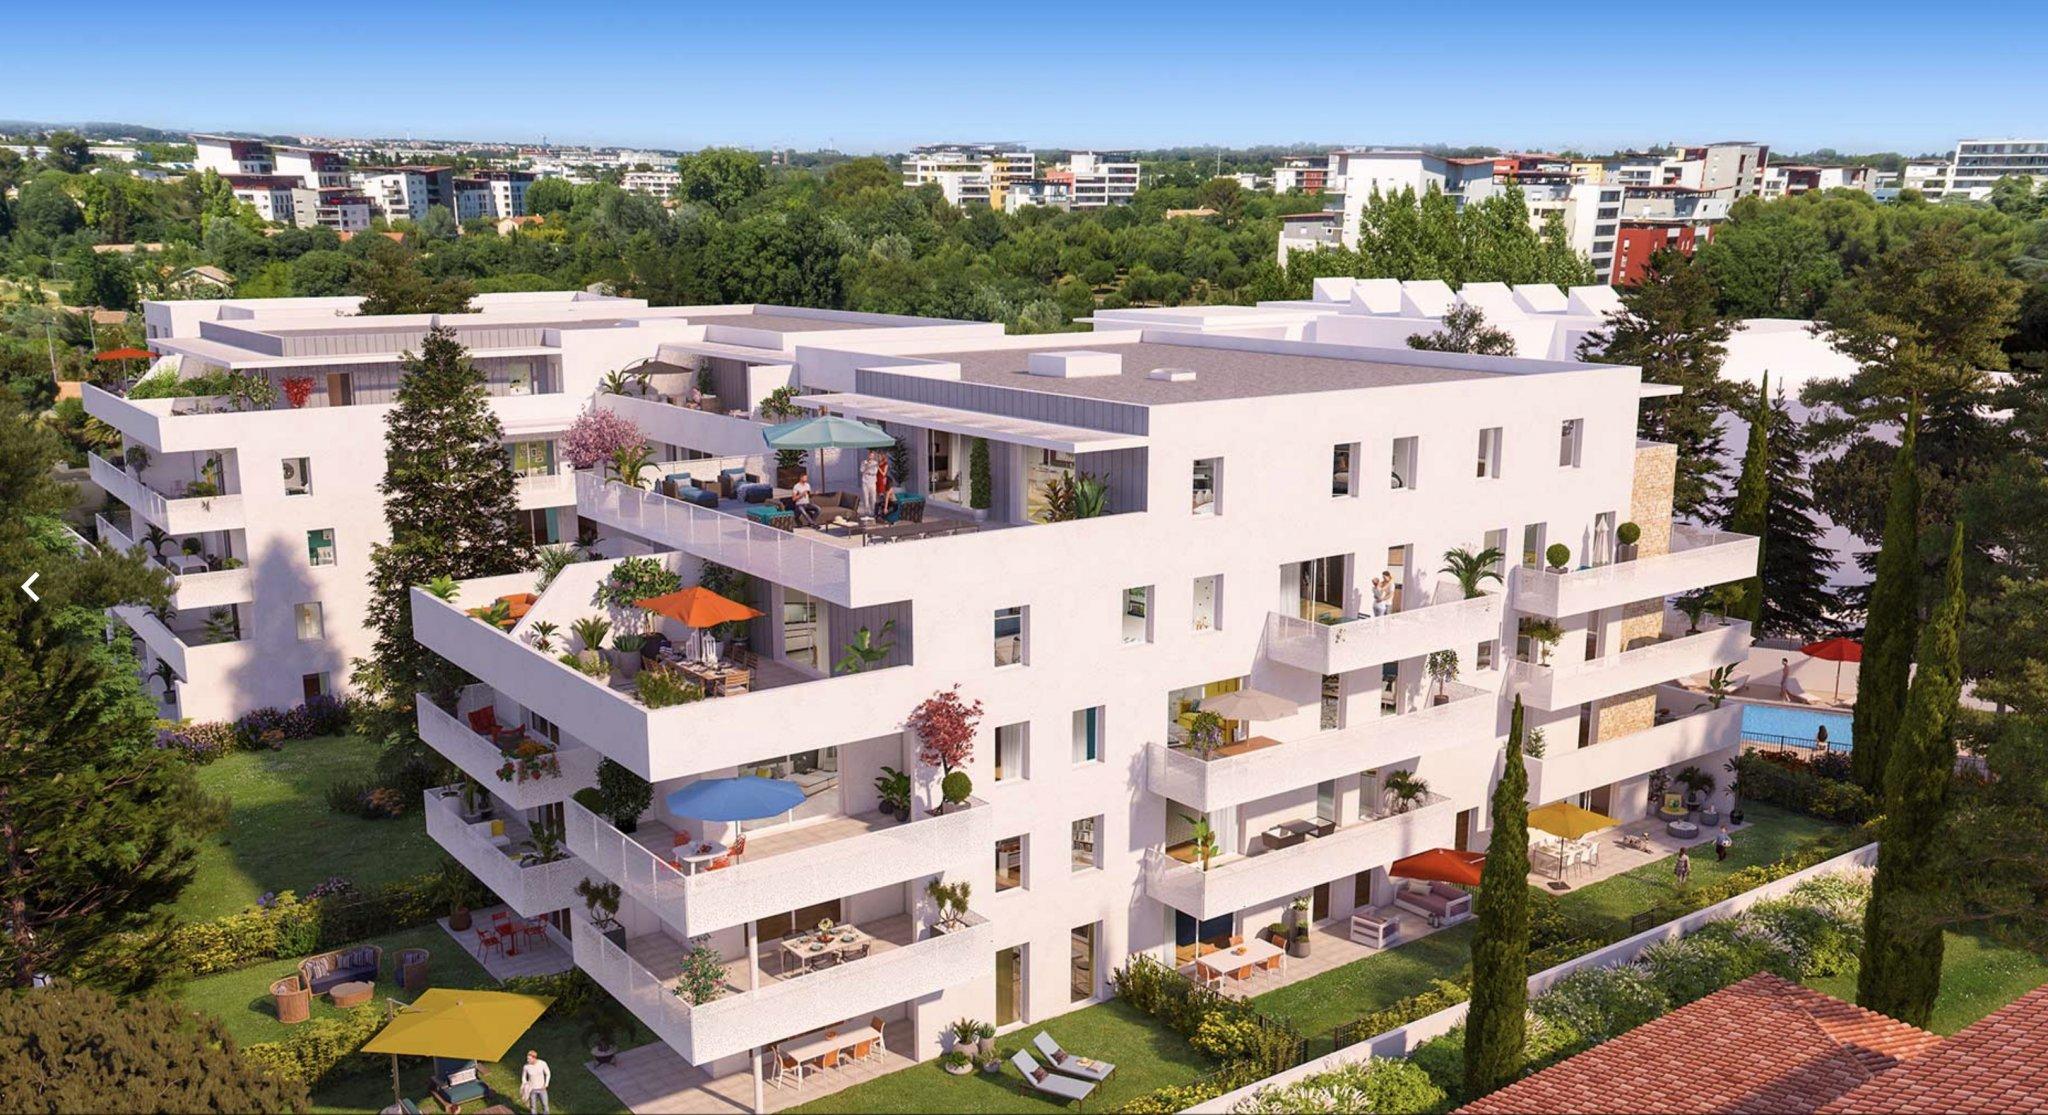 Appartement neuf Saint Jean de Védas : pourquoi choisir saint jean de védas ?